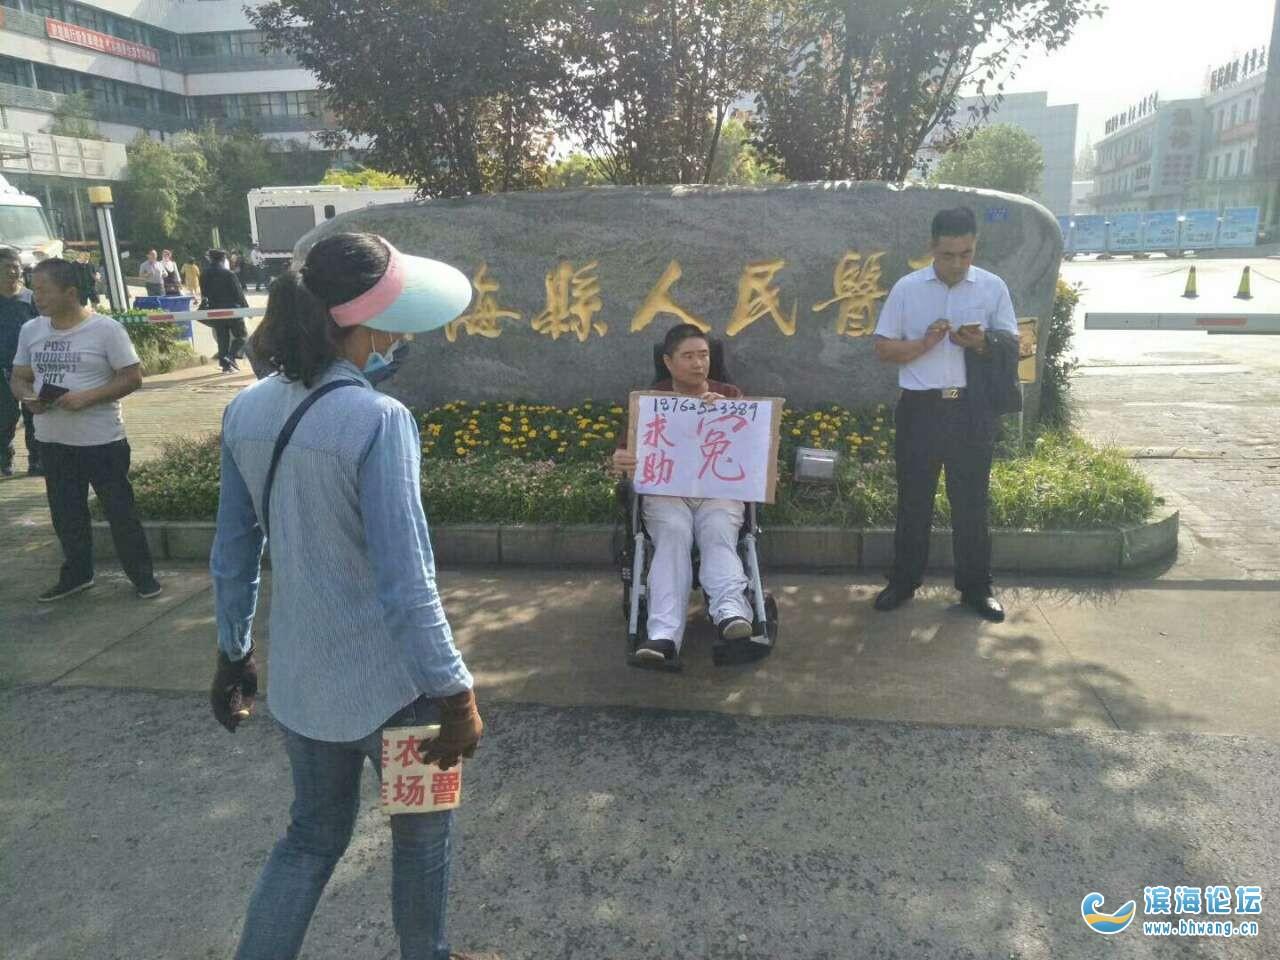 看人民医院蔡勇是怎样治病救人的?职能部门又在干什么?